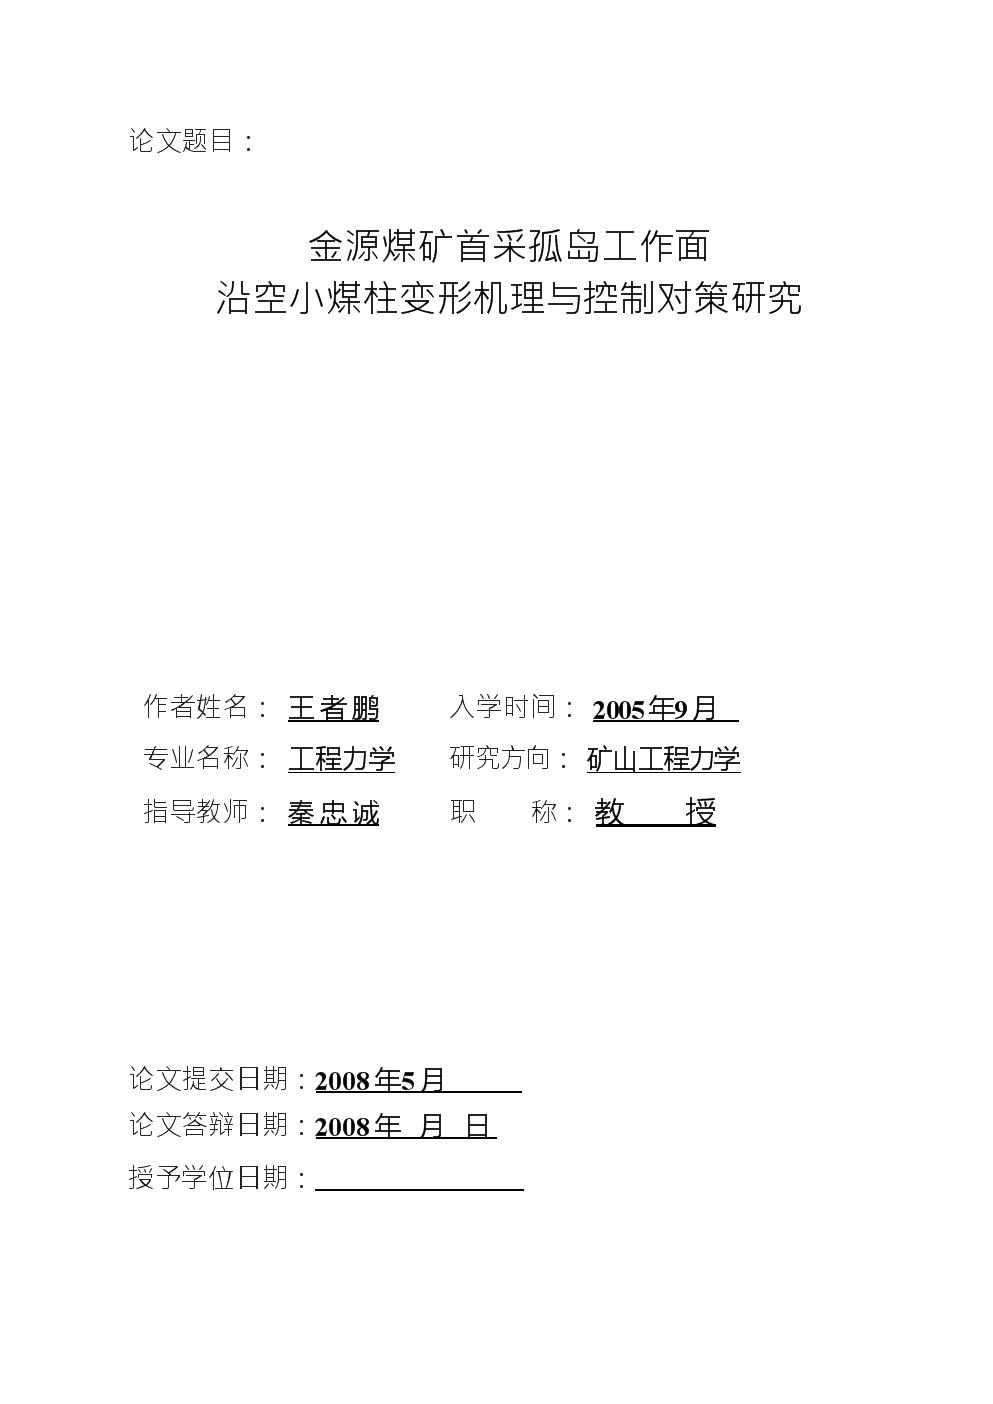 金源煤矿首采孤岛工作面沿空小煤柱变形机理与控制对策分析-工程力学专业论文.docx